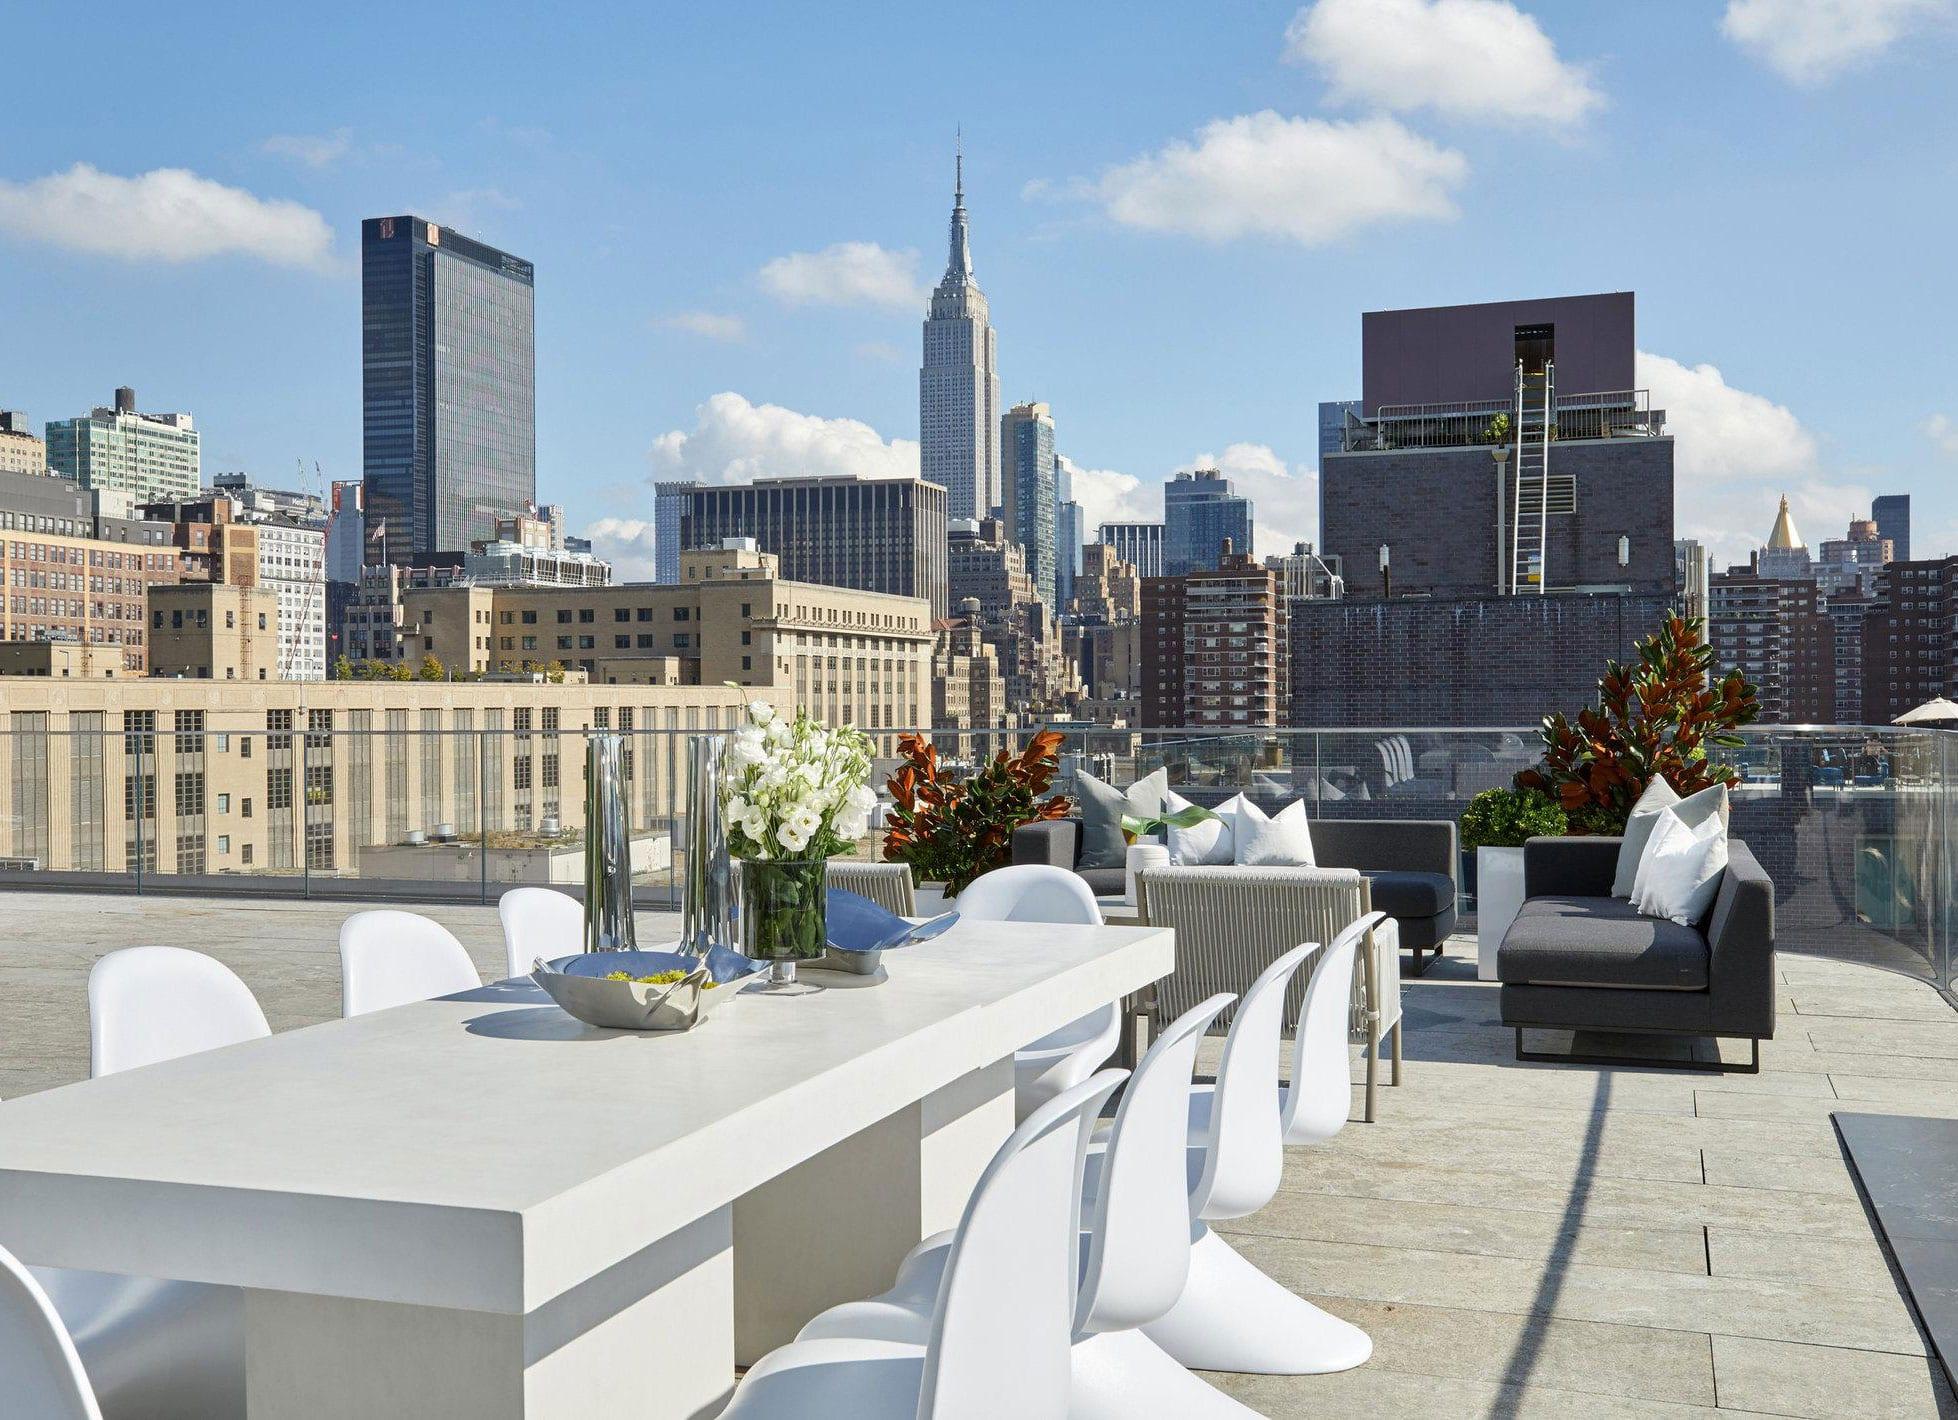 moderne terrassengestaltung einer dachterrasse mit glasgeländer, kuschelige sitzecke mit polstersofas und essgruppe mit massivem esstisch weiß und designer-esstischstühlen